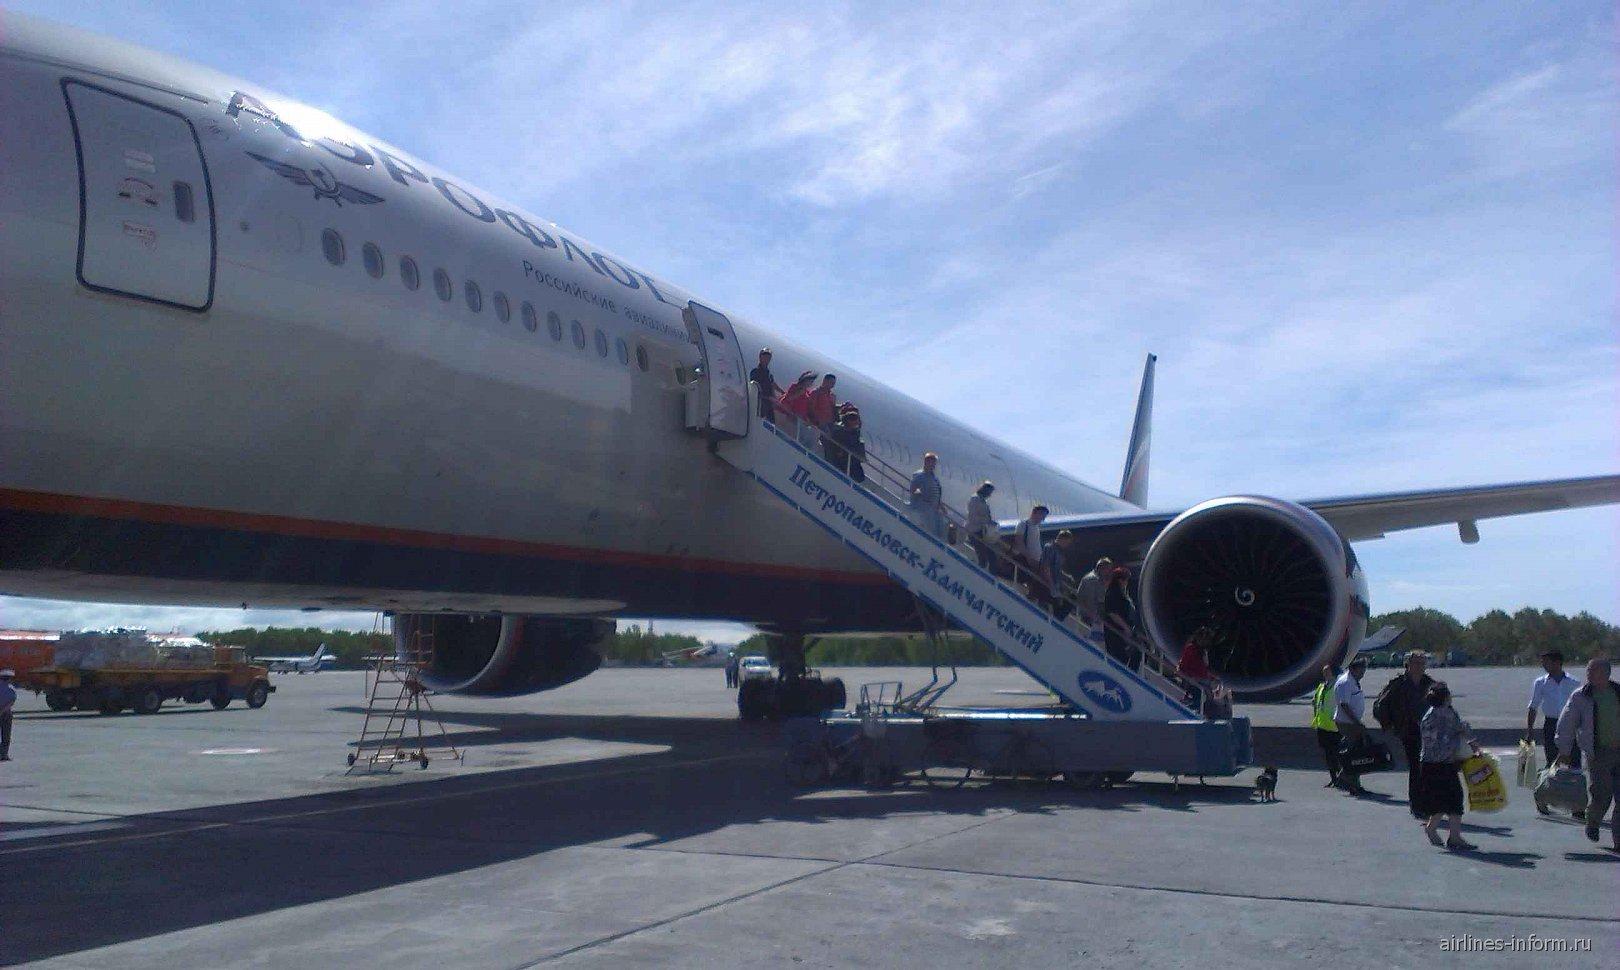 Боинг-777-300 Аэрофлота в аэропорту Елизово